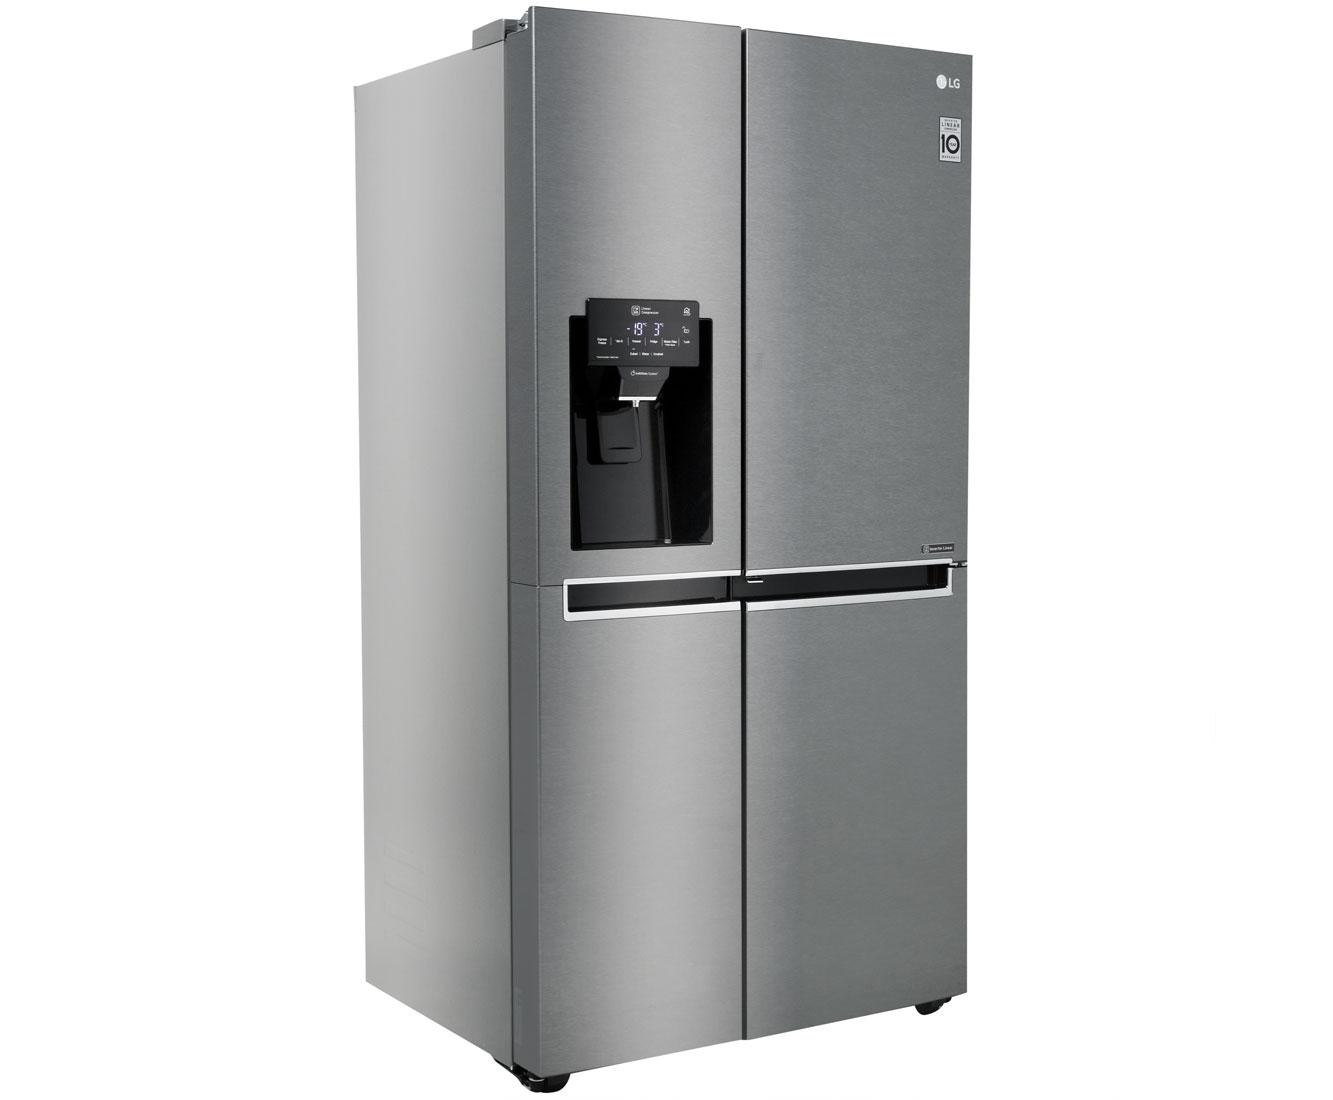 Kühlschrank Filter Lg : Lg gsl pvyv side by side kühlschrank im test deutsch testallianz